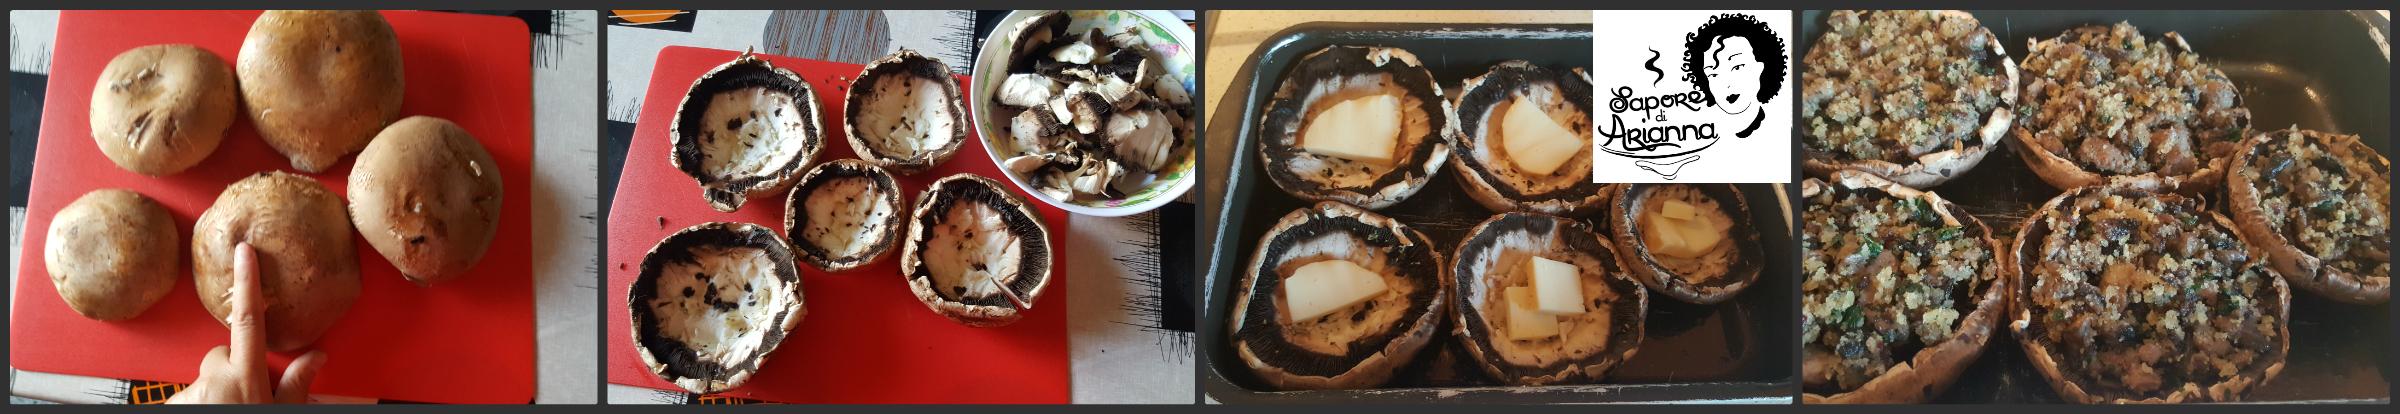 funghi portobello ripieni con salsiccia e scamorza1